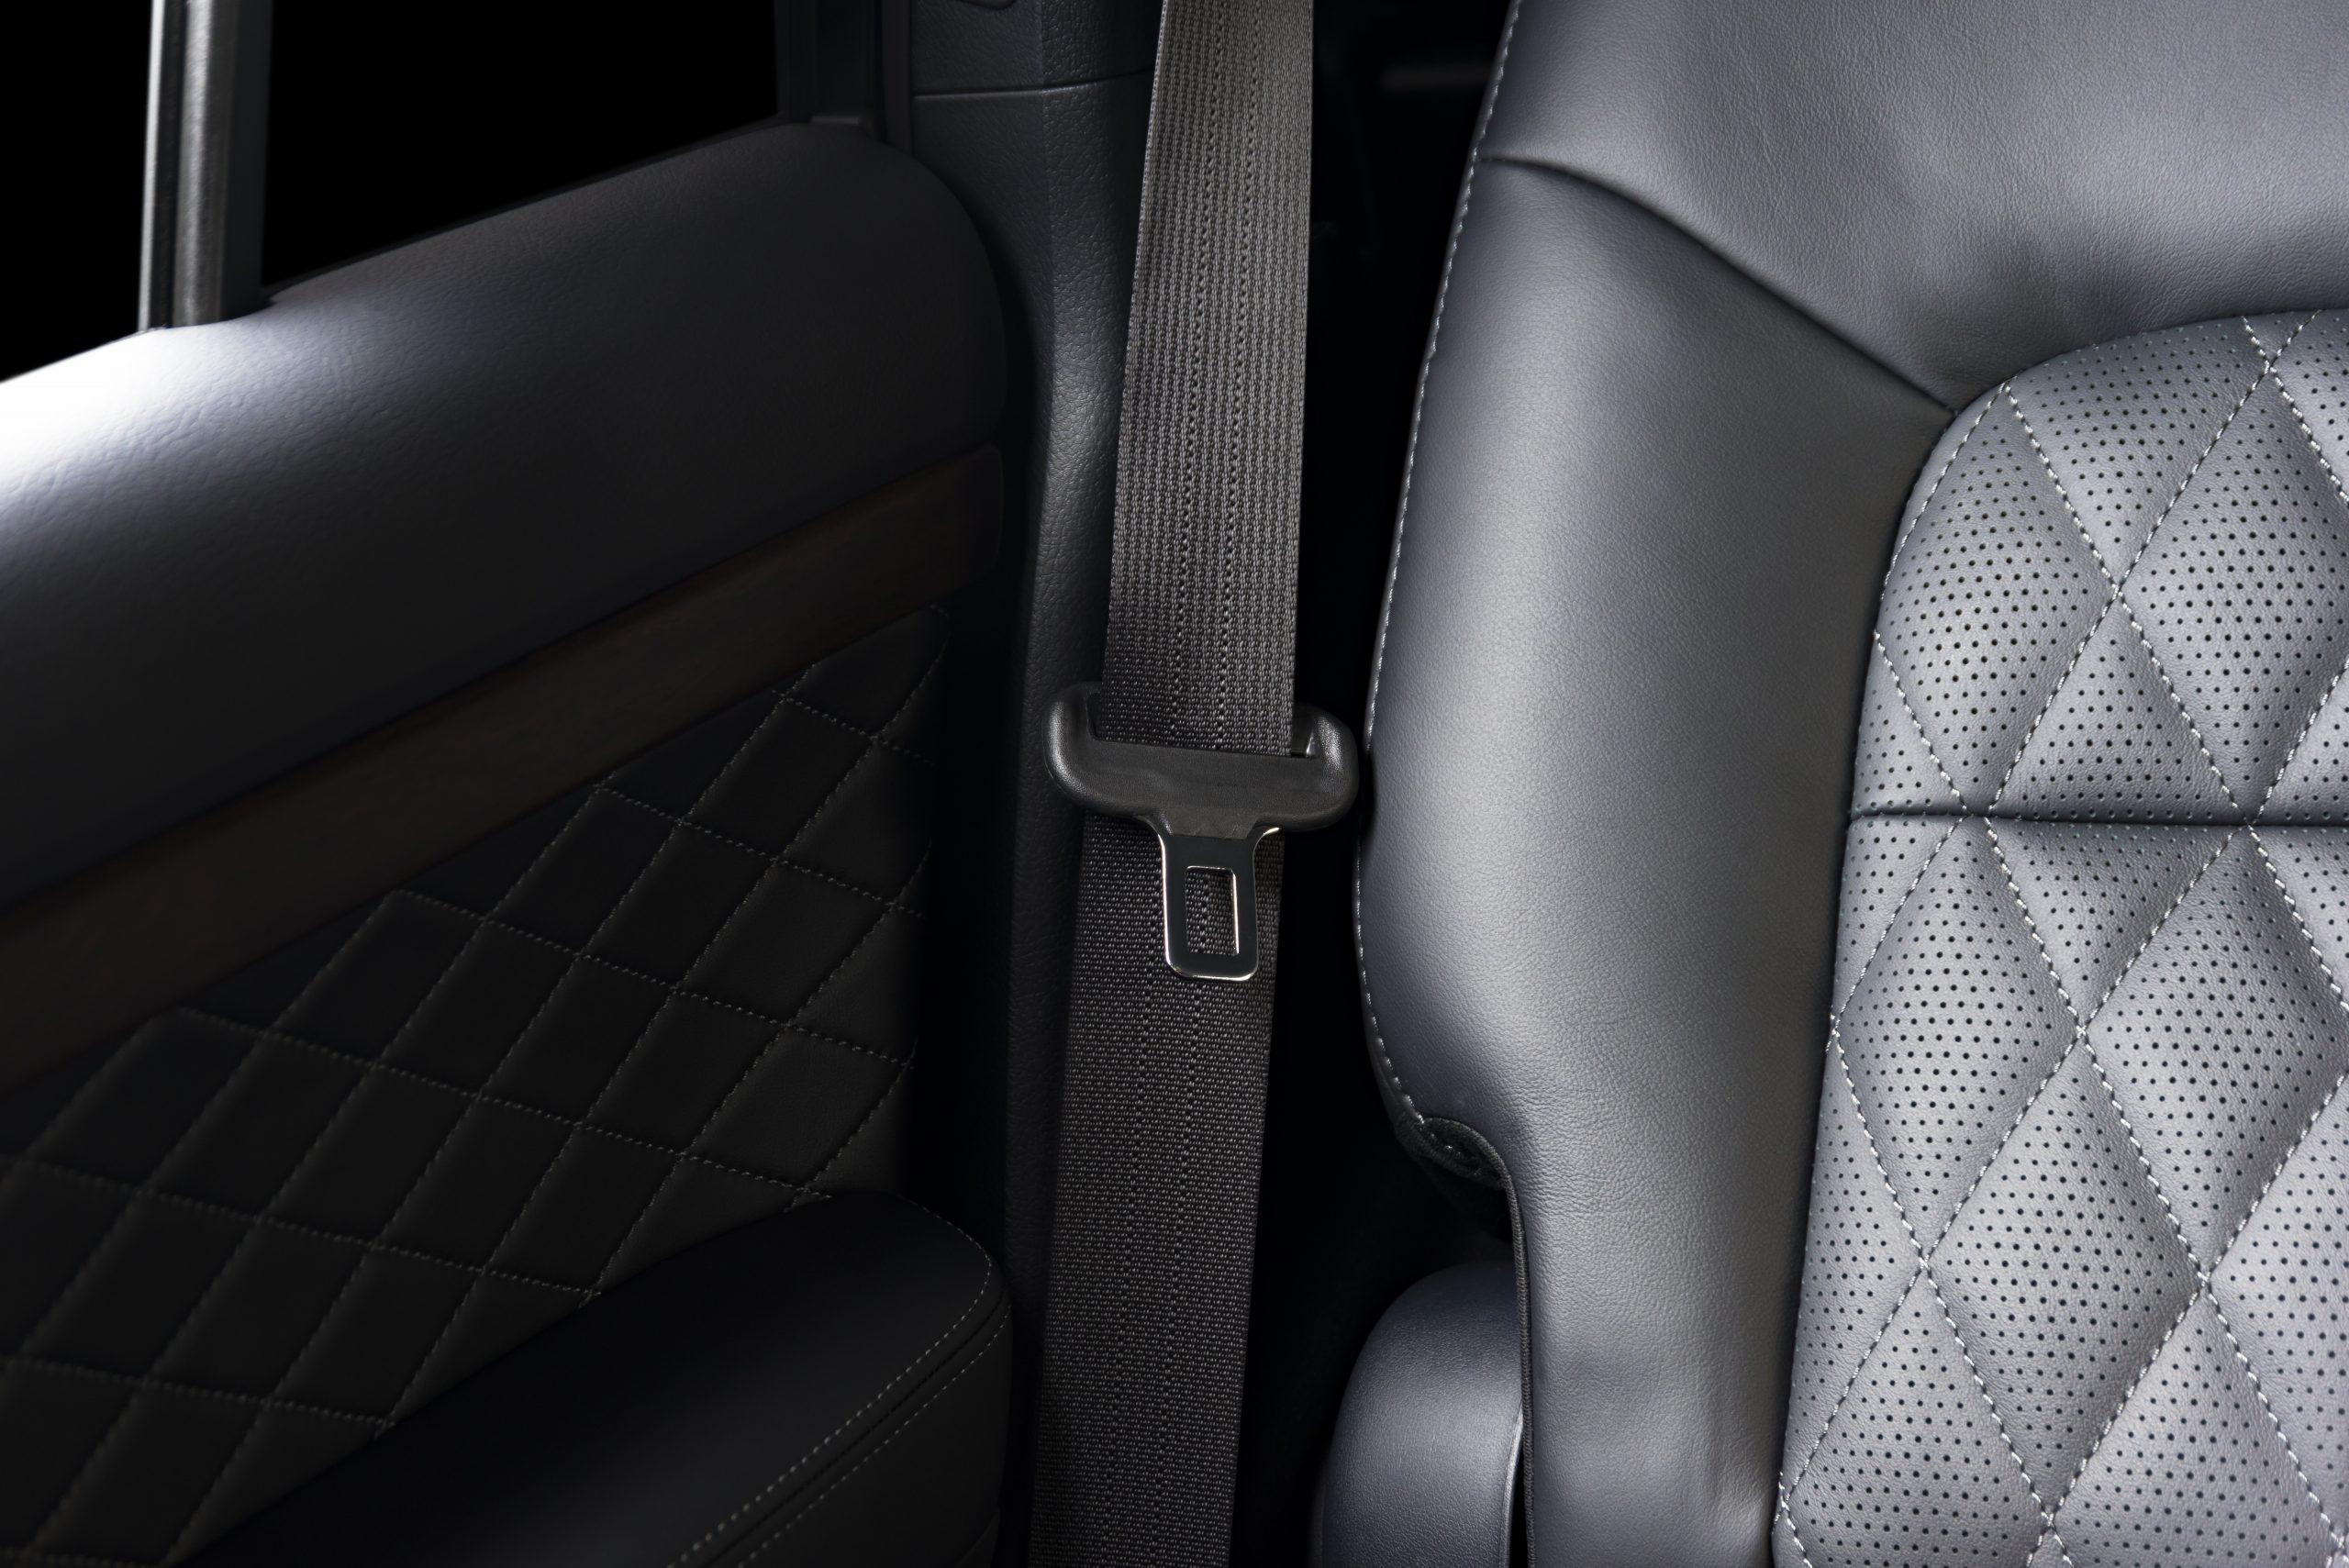 검은 가죽 카시트와 안전 벨트를 보여주는 자동차의 내부